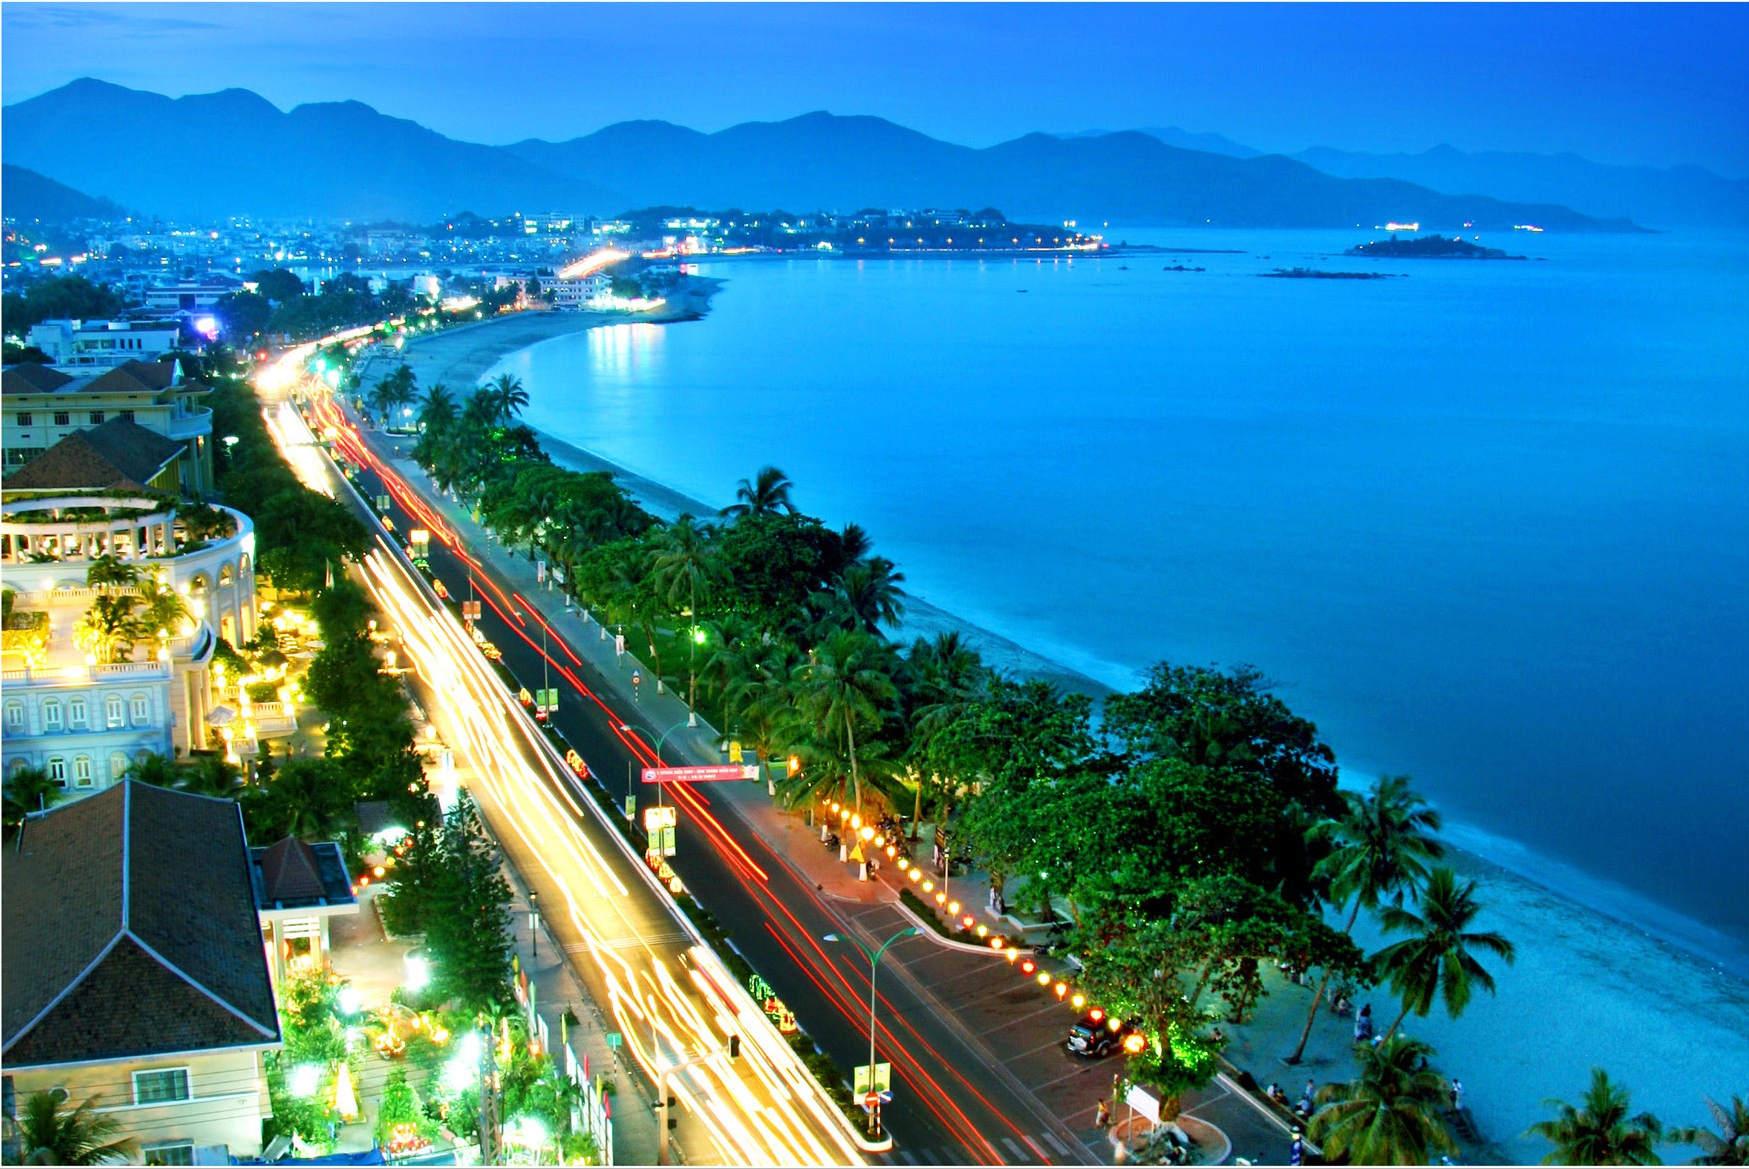 Tour du lịch Đà Nẵng khuyến mãi | Đà Nẵng - Bà Nà - Hội An